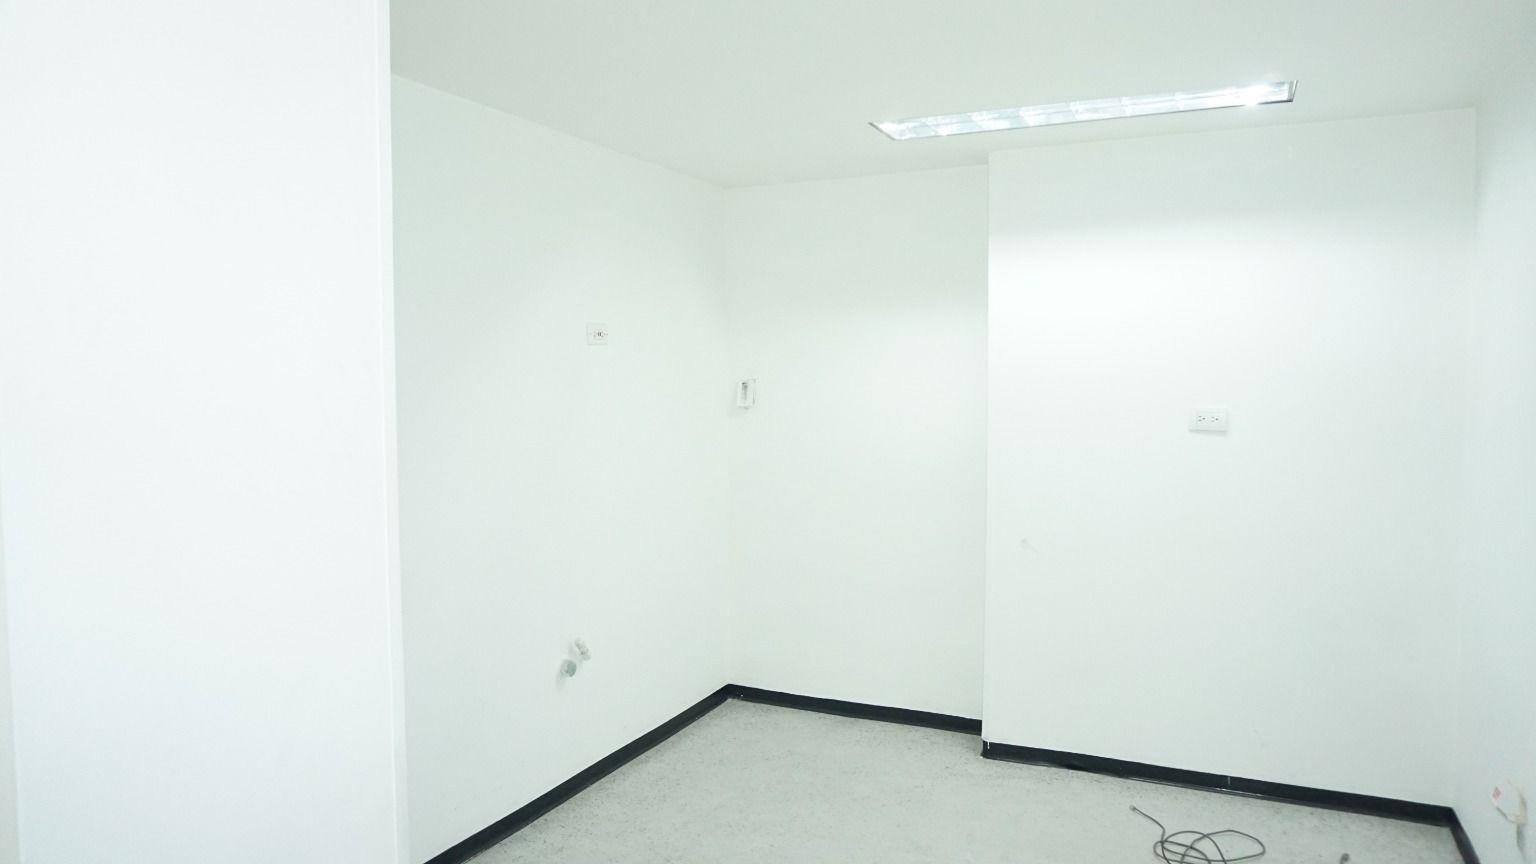 Oficina en La Joyita Centro Bello Horizonte, Bogotá 6327, foto 2